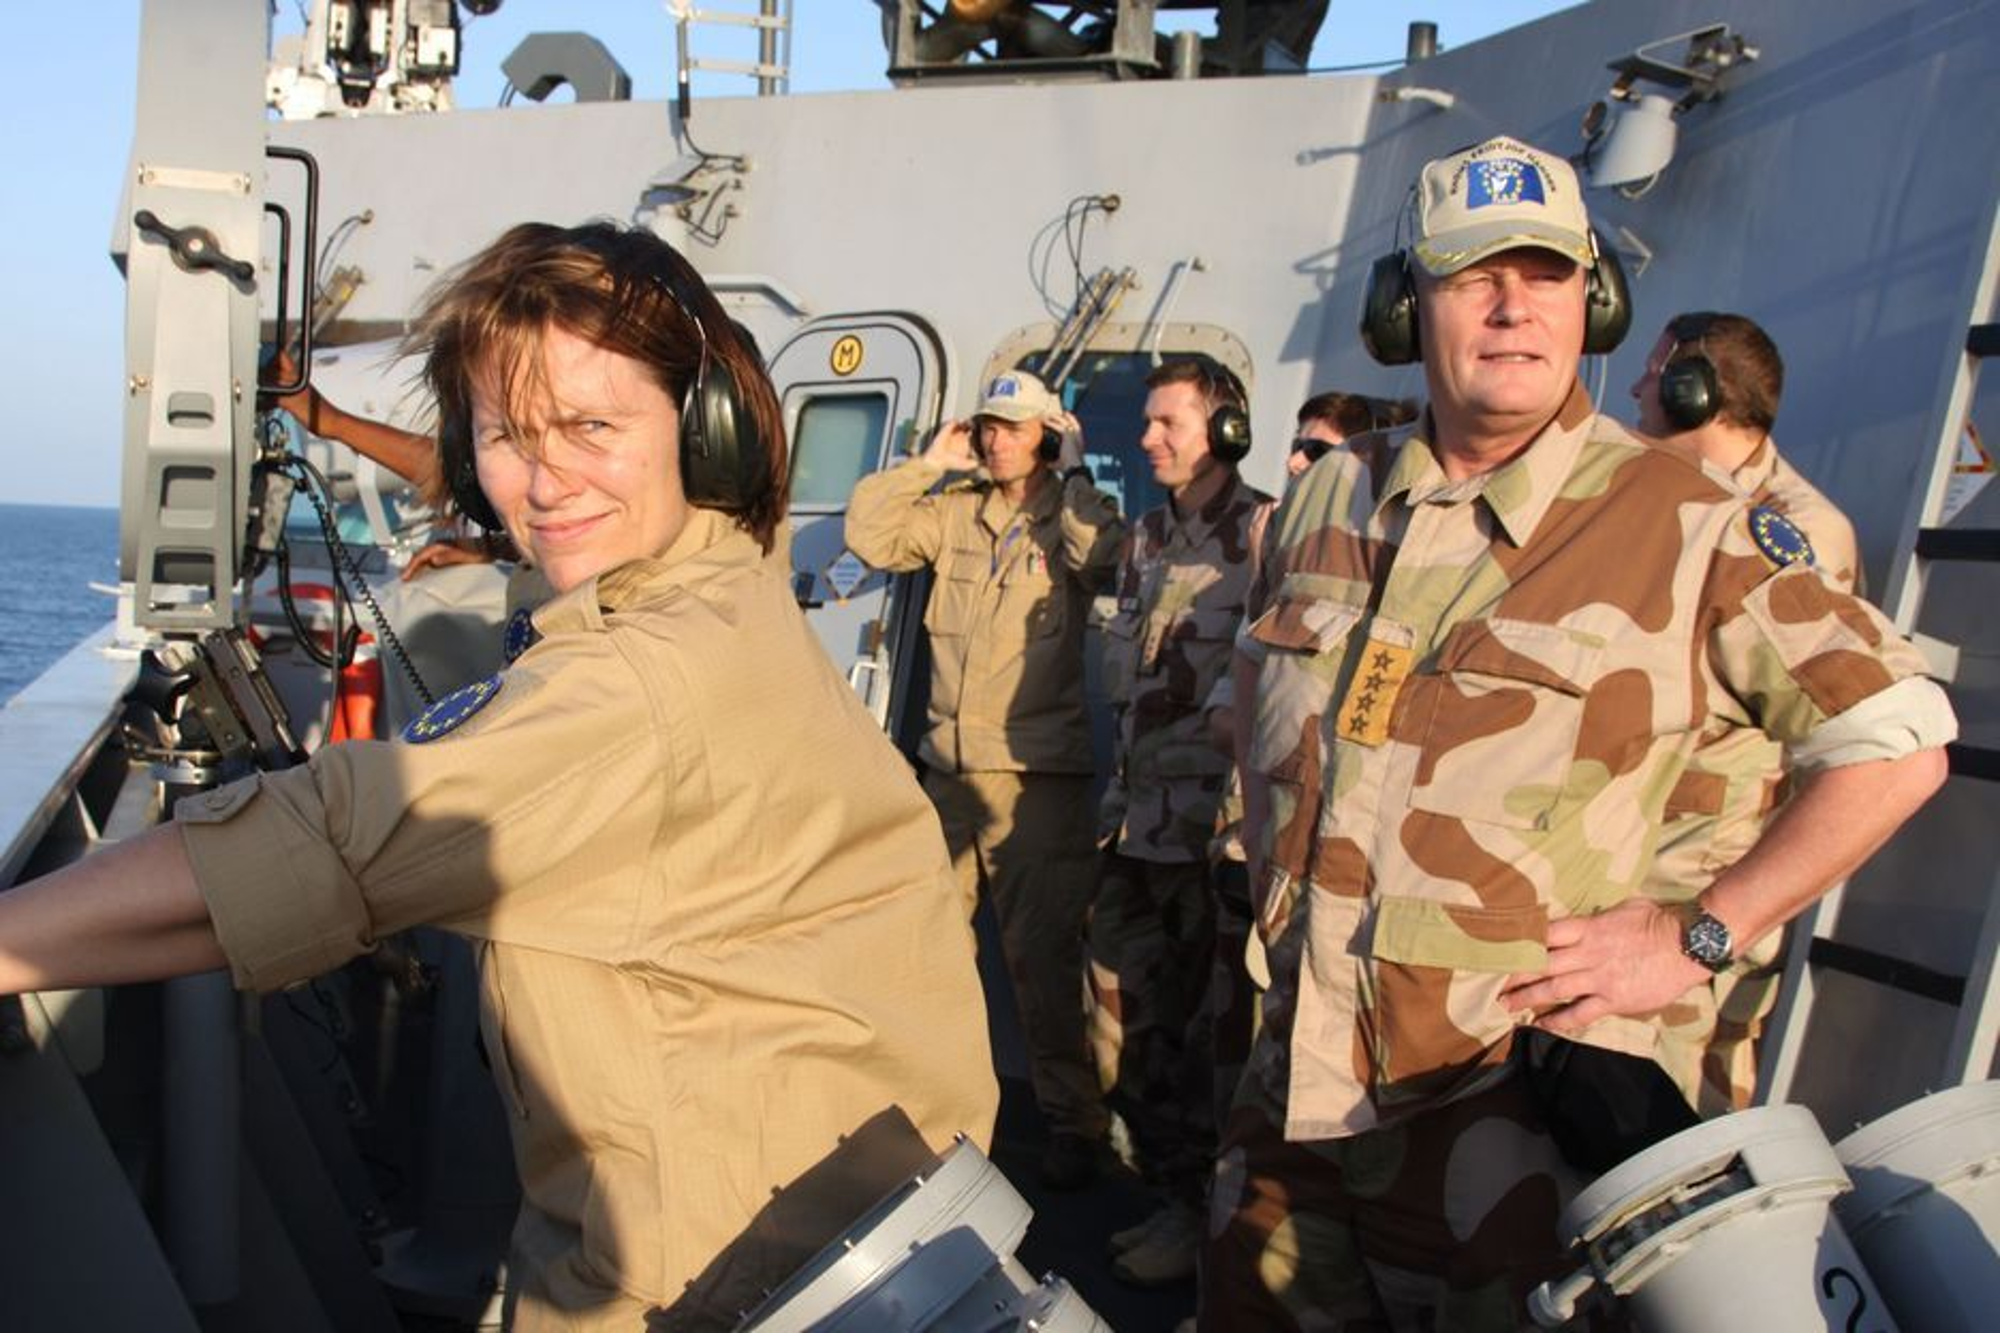 Somaliske pirater har i år slått til mot nesten dobbelt så mange skip som i fjor, og EUs marinestyrke, der også den norske fregatten KNM Fridtjof Nansen inngår, greier ikke å stanse kapringene. Forsvarsminister Grete Faremo (t.v.) og forsvarssjef Harald Sunde besøkte tidligere i måneden KNM Fridtjof Nansen i Adenbukta der en britiskregistrert kjemikalietanker ble kapret tidligere i uka.